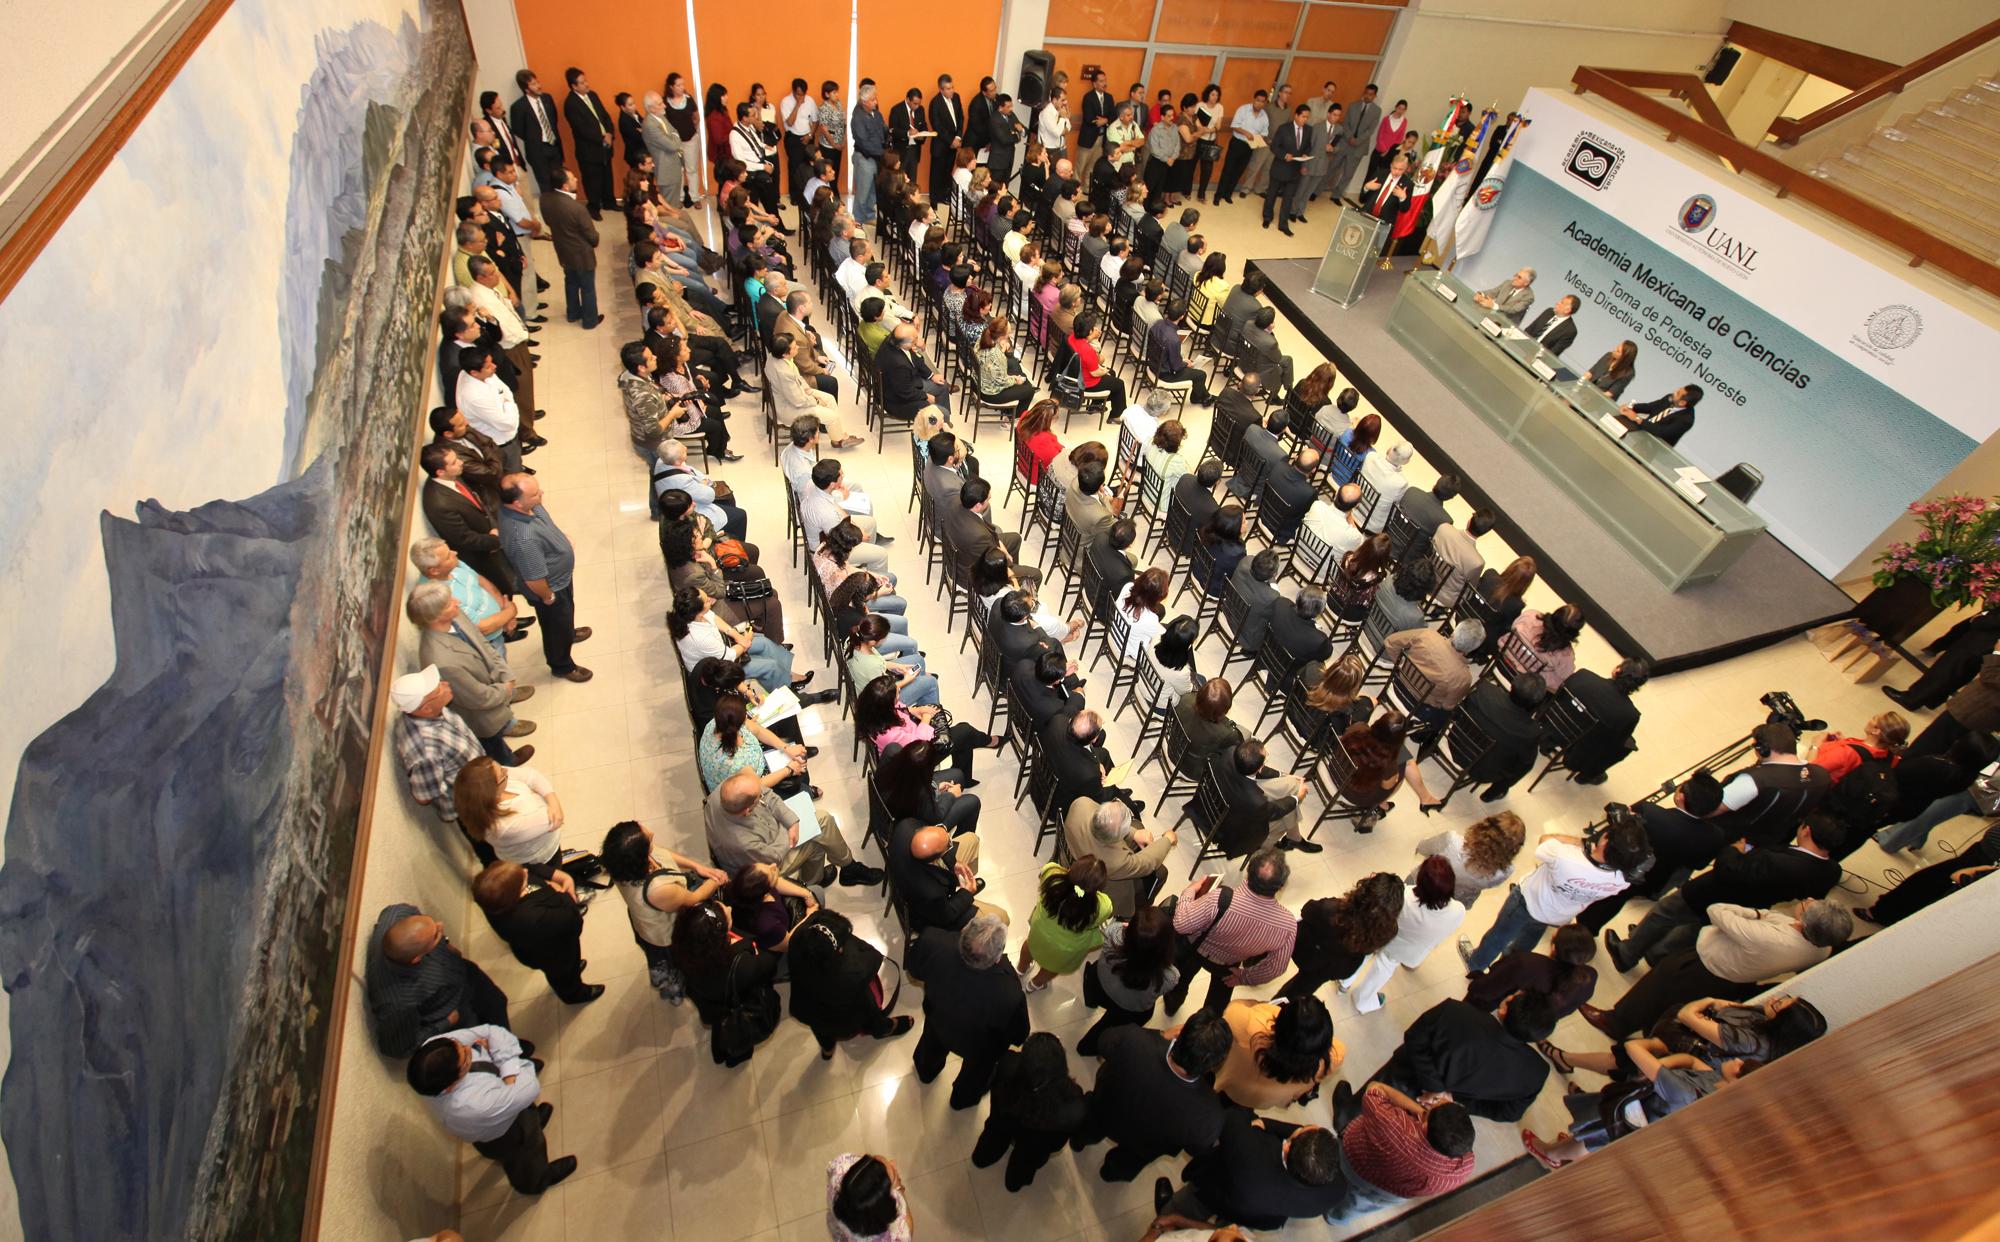 La ceremonia se llevó a cabo en el Vestíbulo de la Capilla Alfonsina